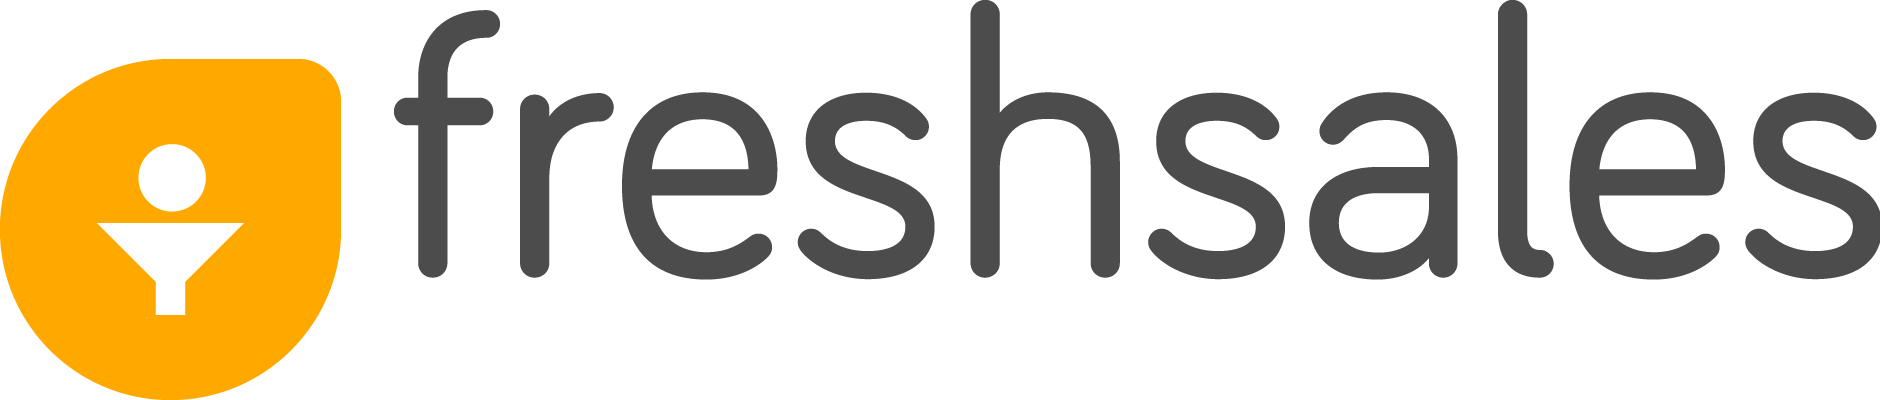 Freshsales - Freshsales